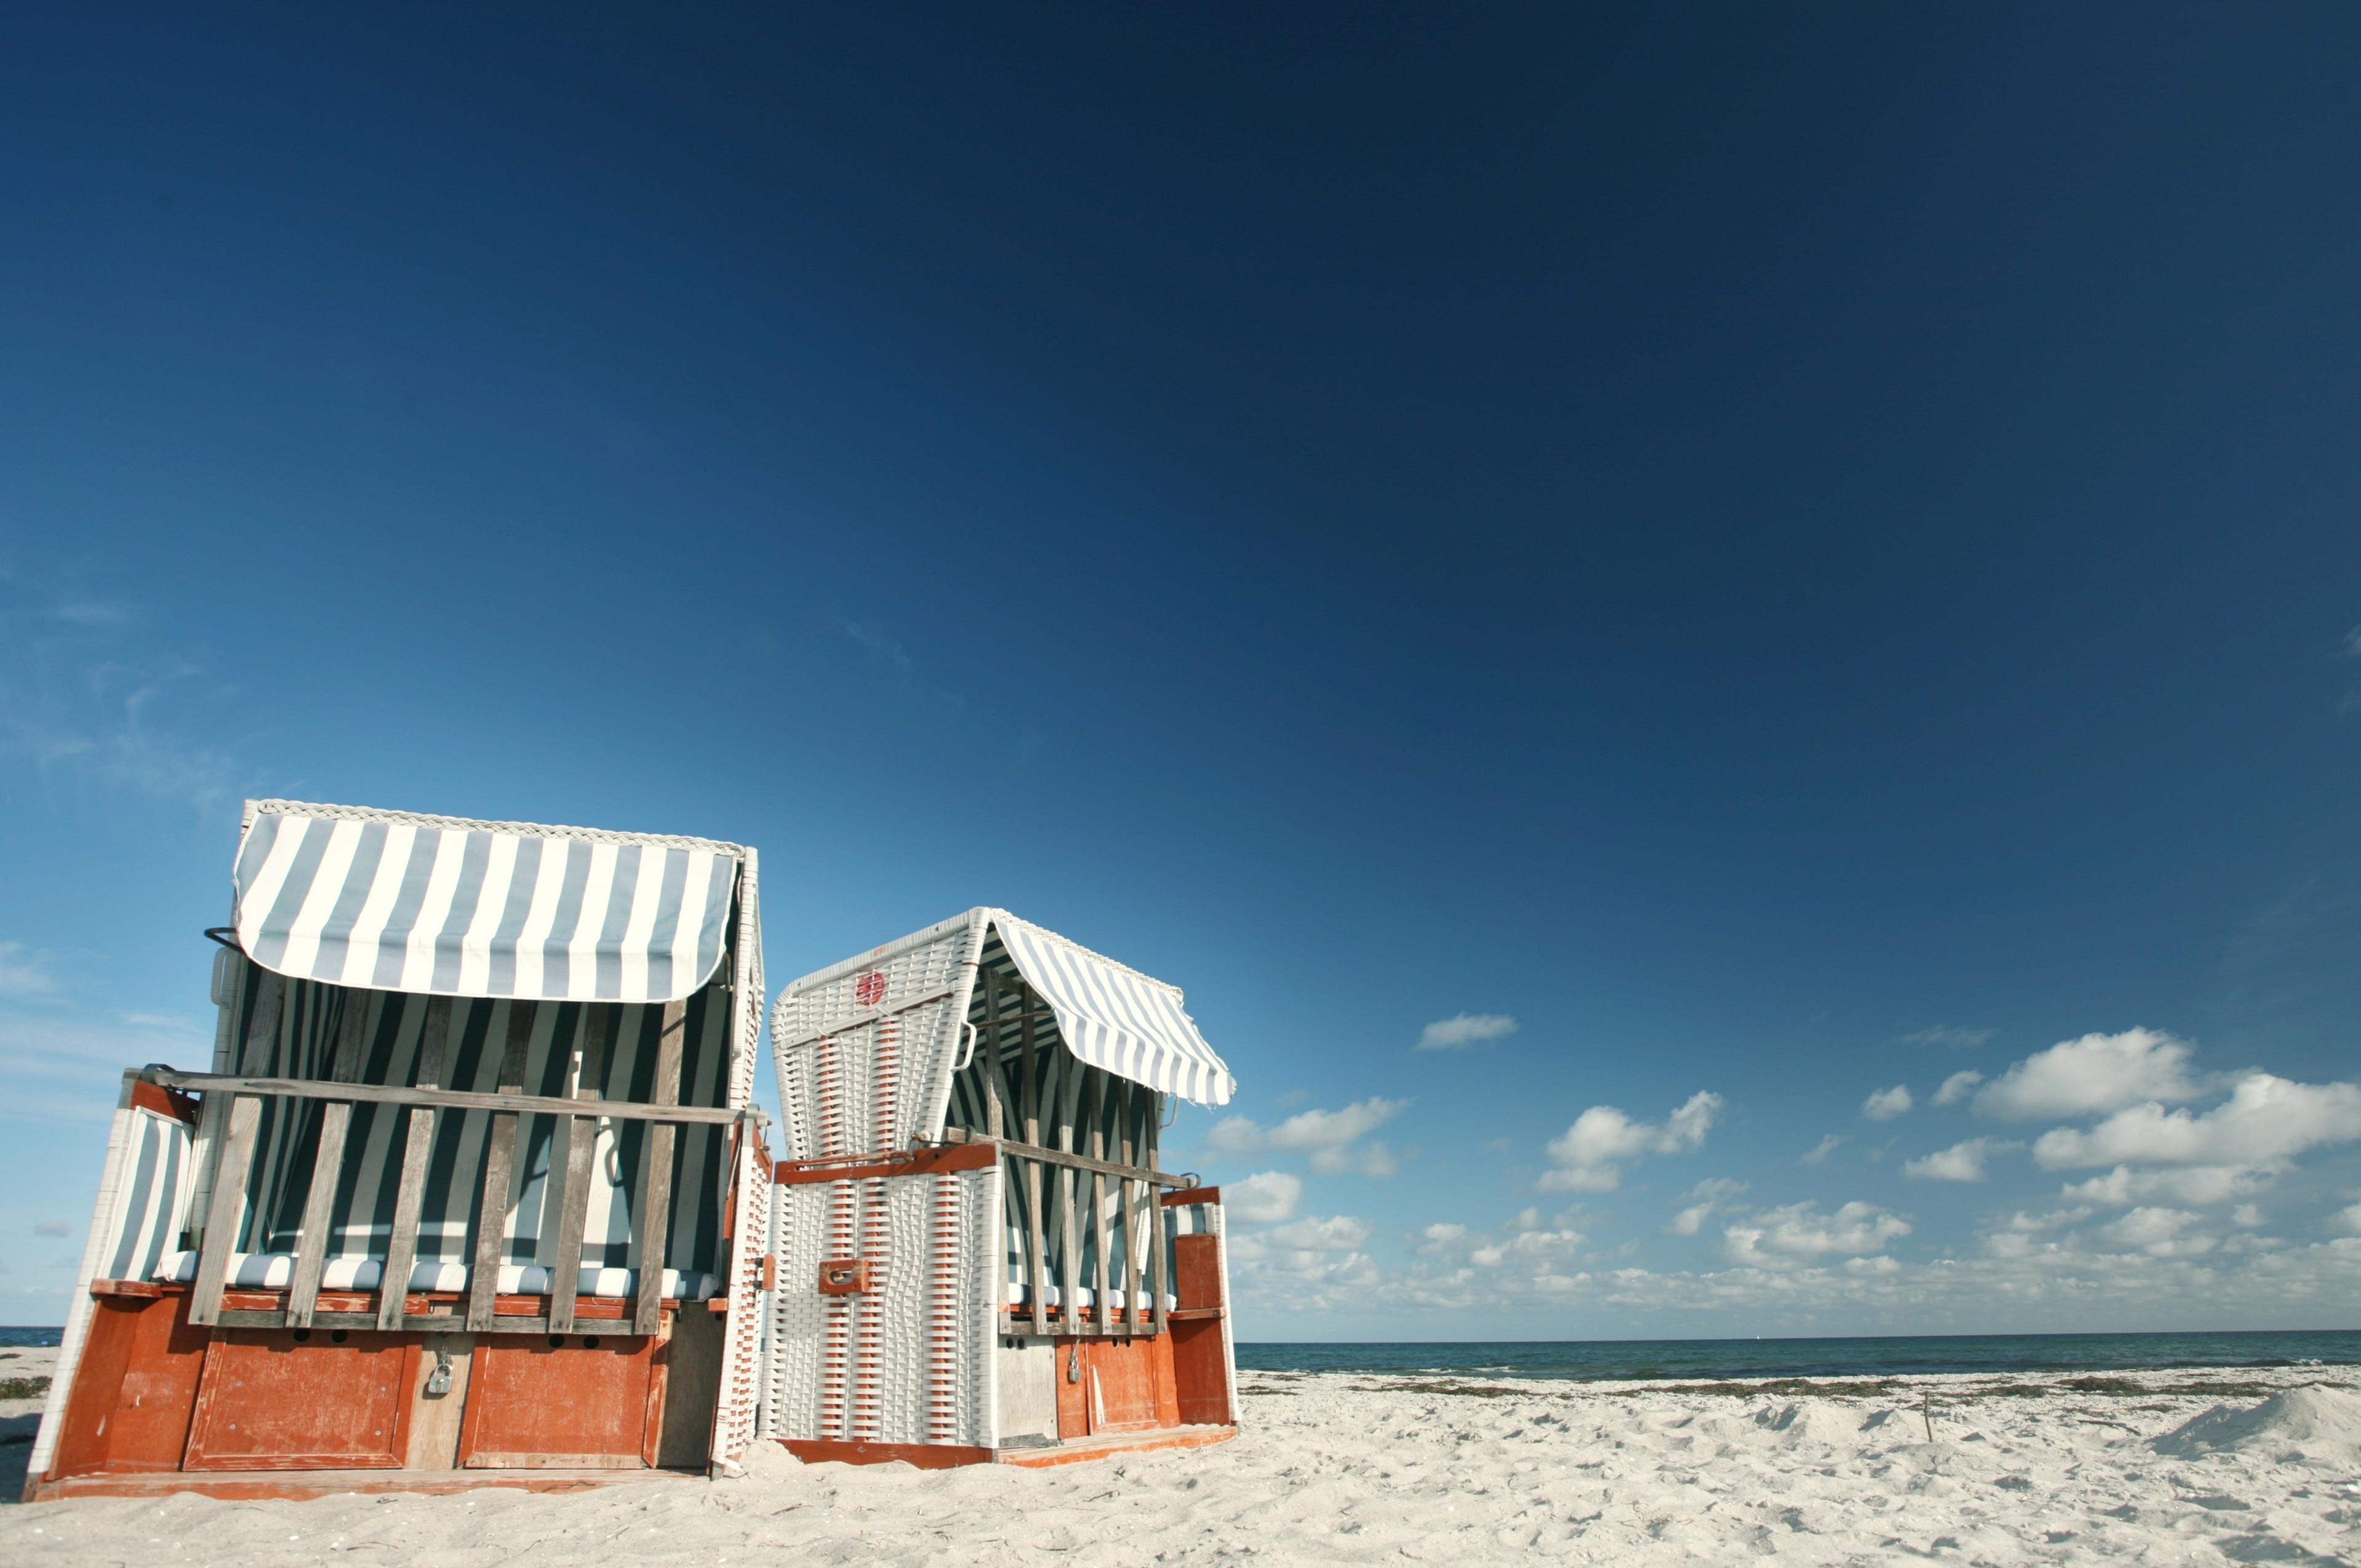 Strand von Prerow, Ostseebad Prerow, Mecklenburg-Vorpommern, Deutschland